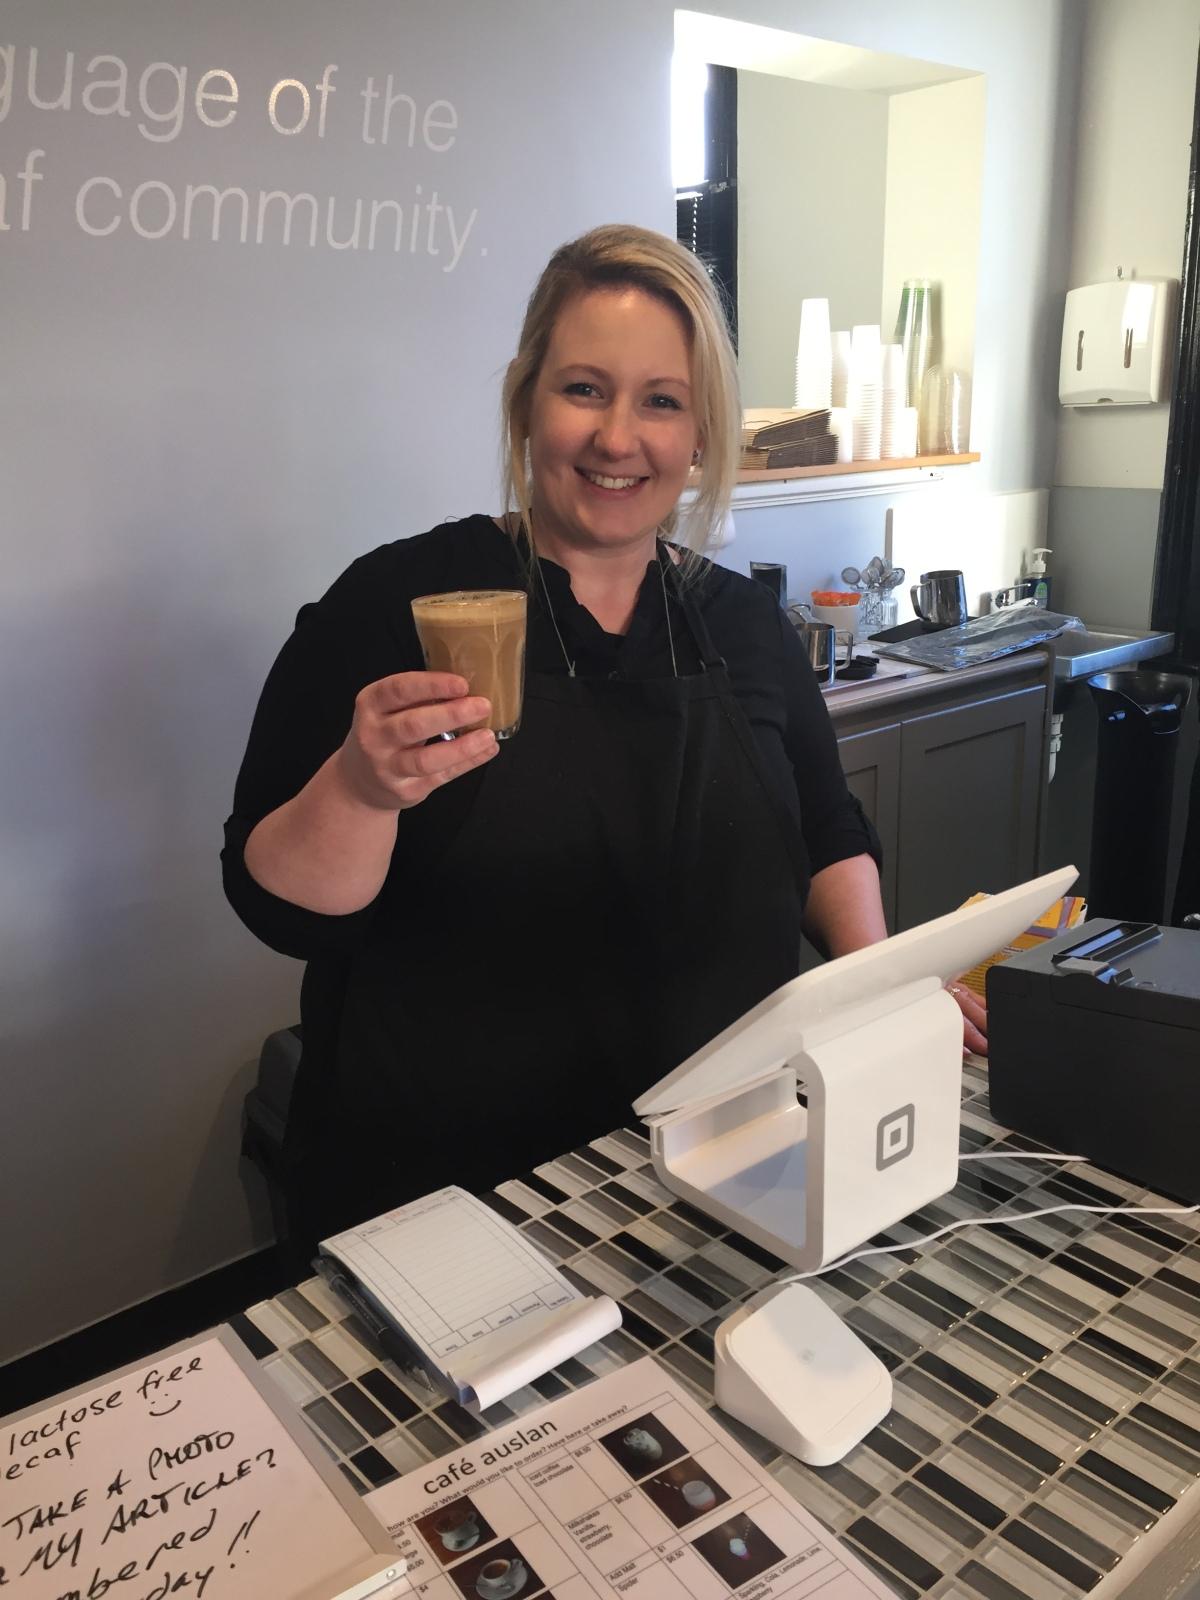 café auslan: Not Just an OrdinaryCafé